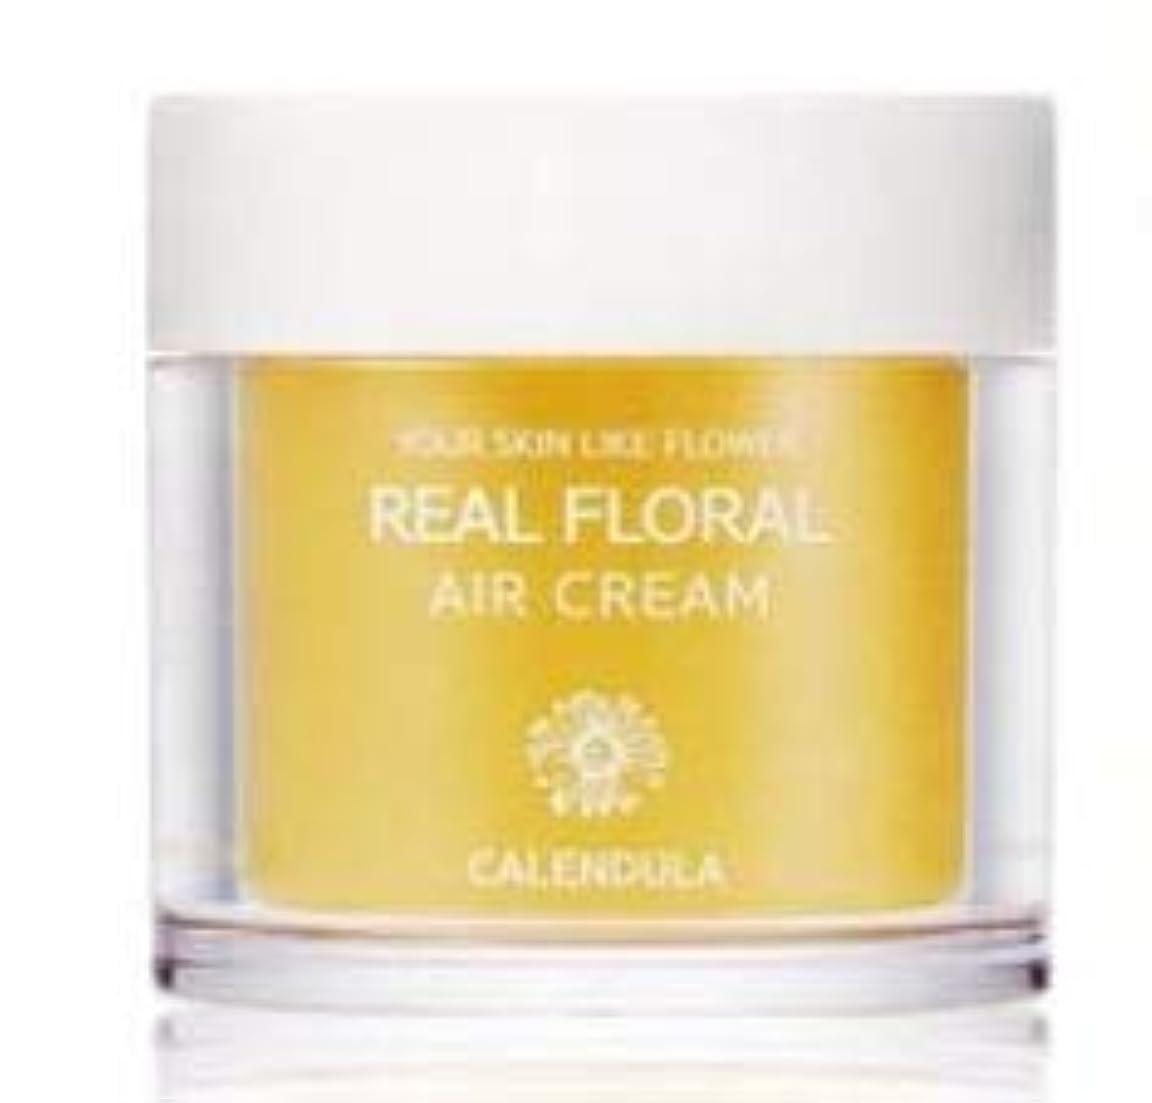 陪審キャプチャーふりをするNATURAL PACIFIC Real Floral Air Cream 100ml (Calendula) /ナチュラルパシフィック リアル カレンデュラ エア クリーム 100ml [並行輸入品]